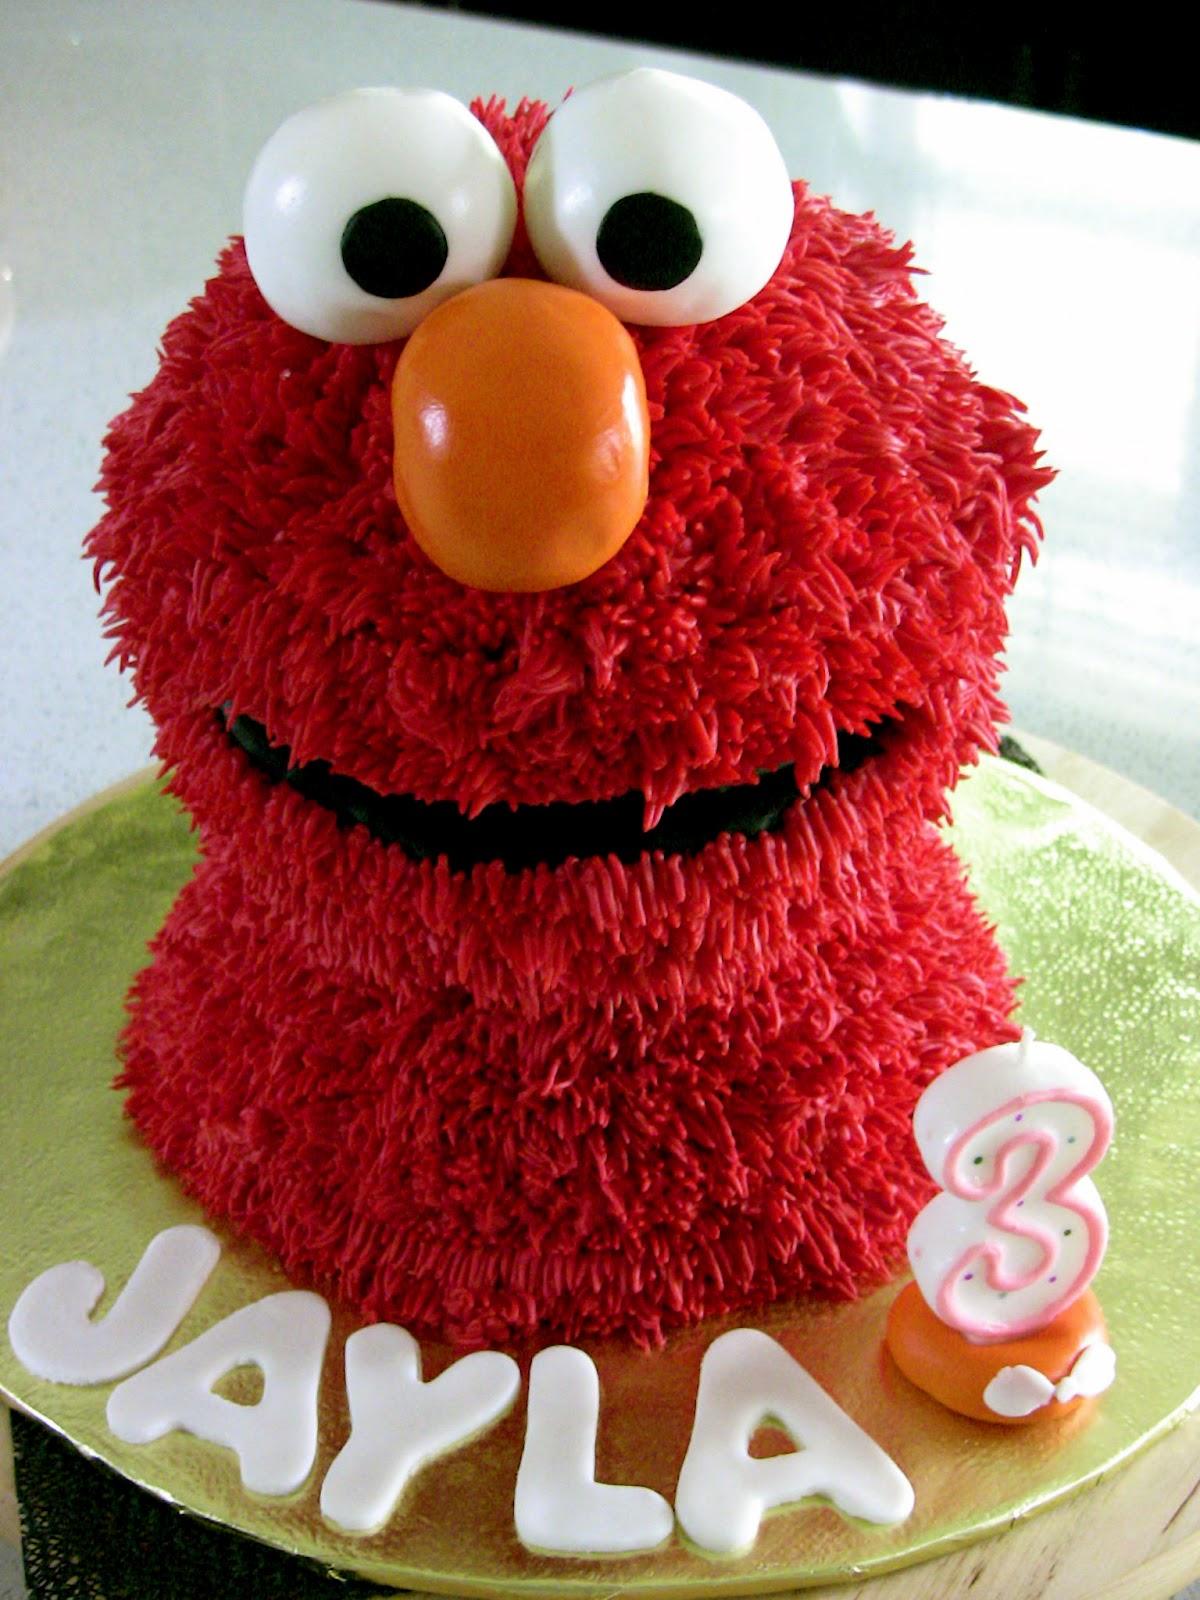 3 Dimensional Elmo Cake